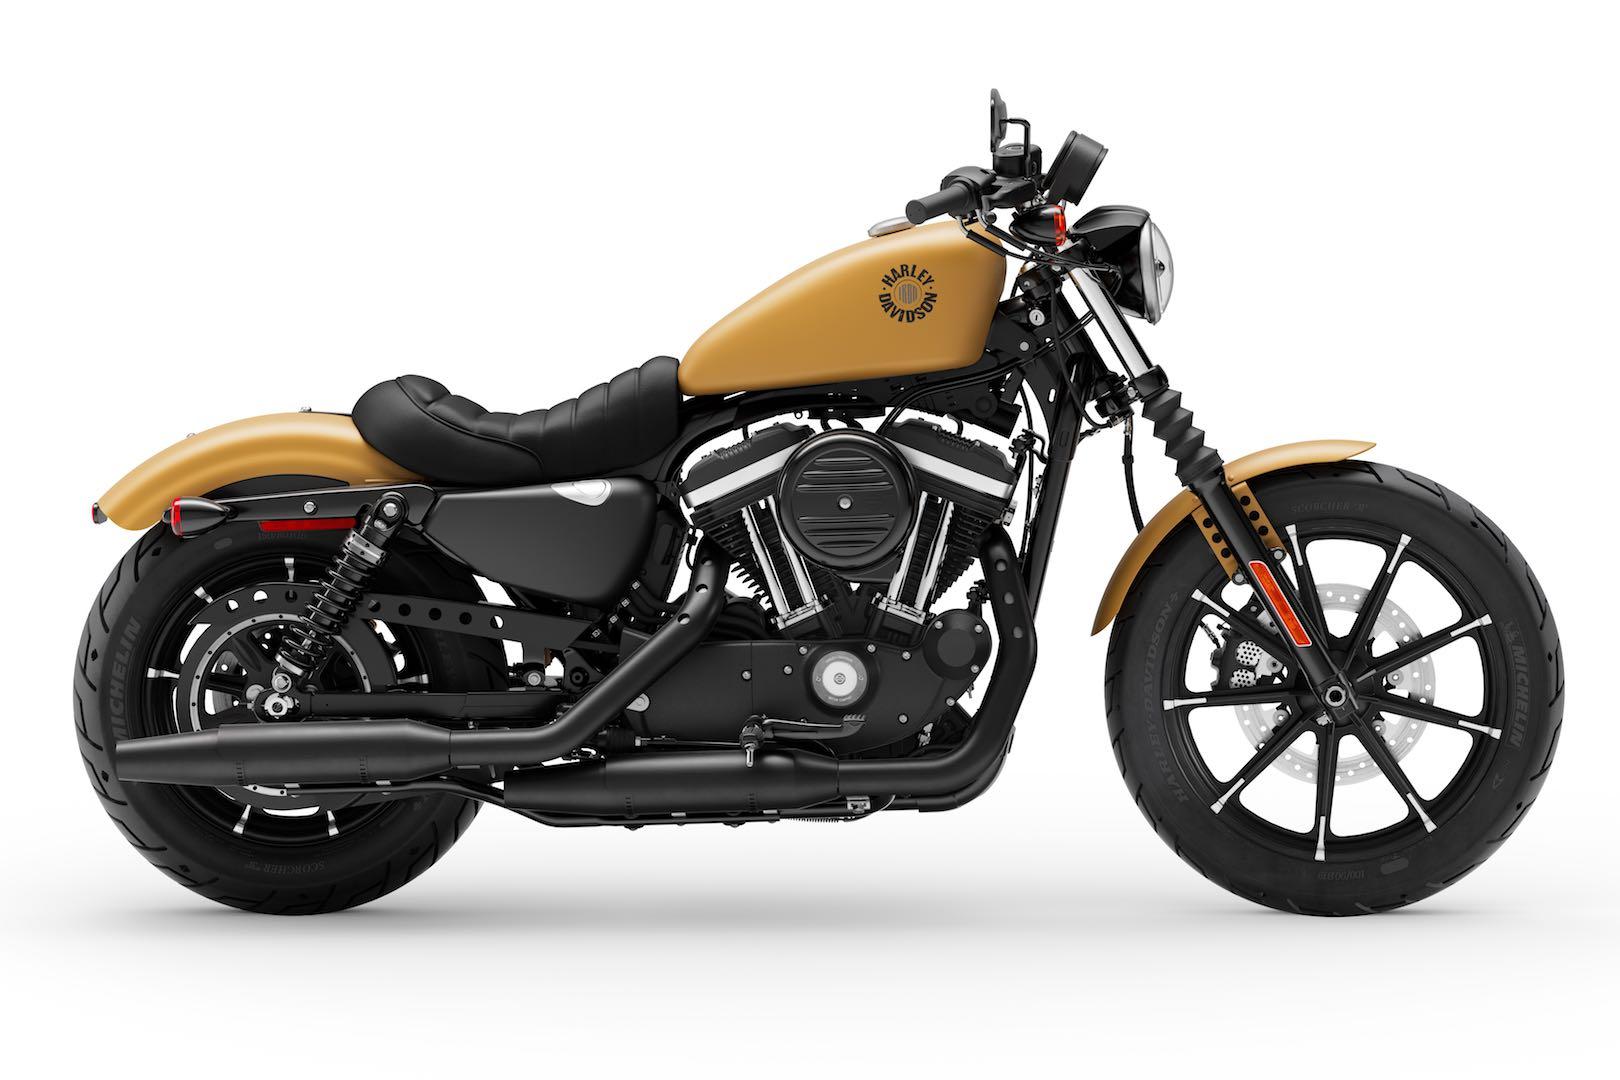 2020 Harley-Davidson Iron 883 Buyer's Guide yellow